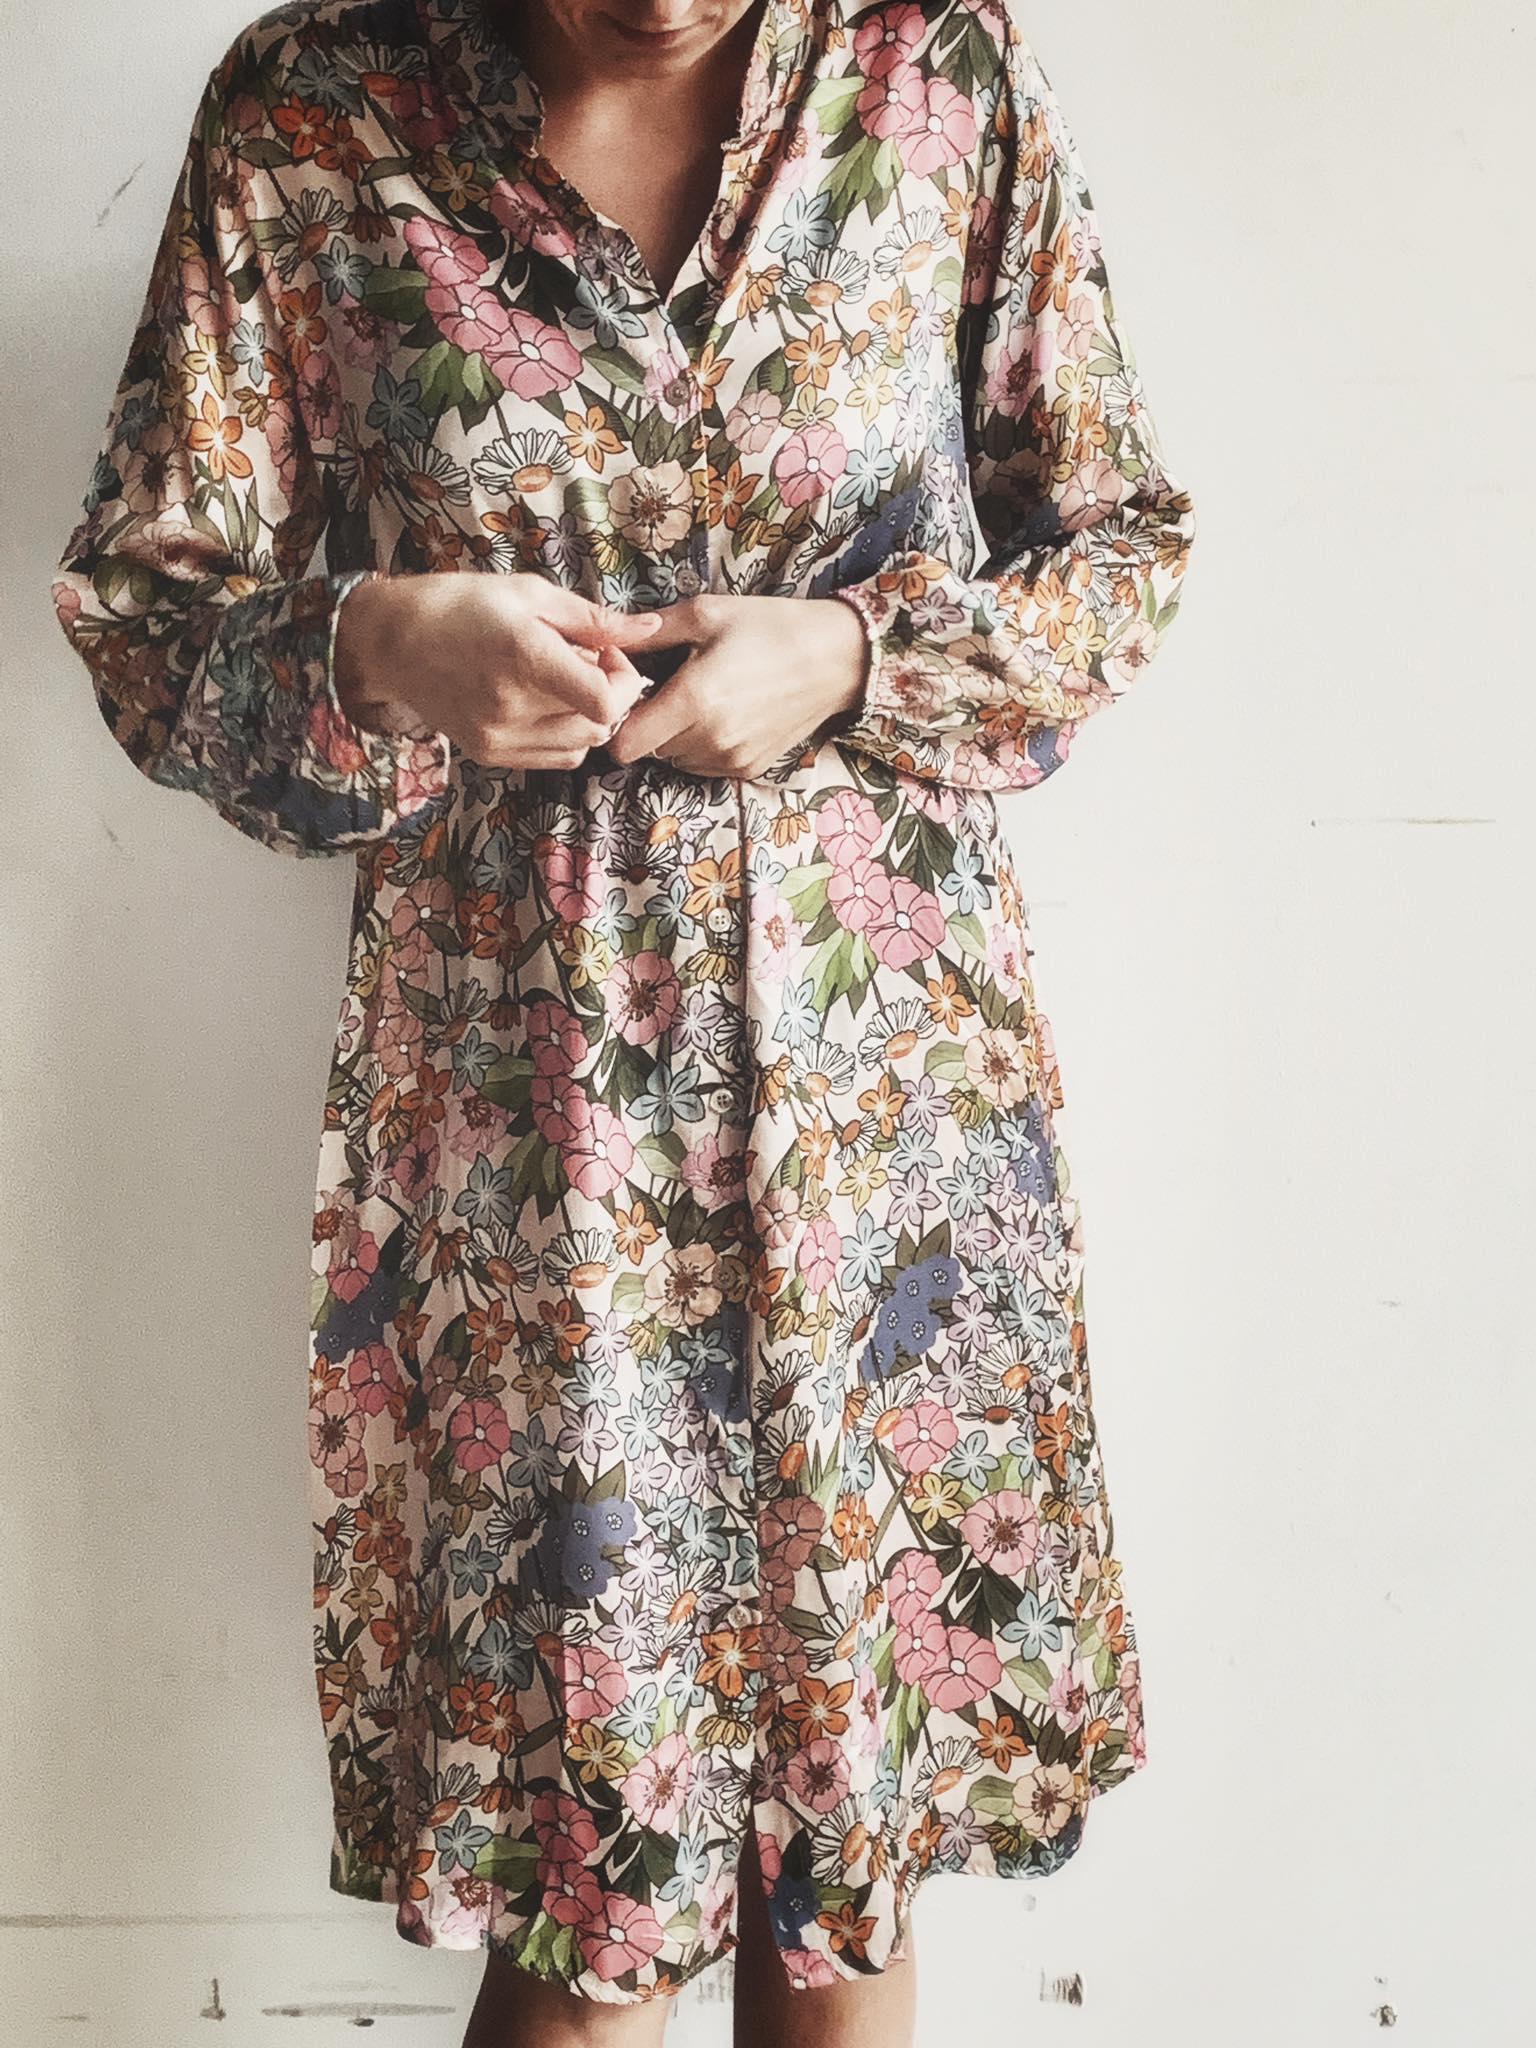 blomstret kjole av silke